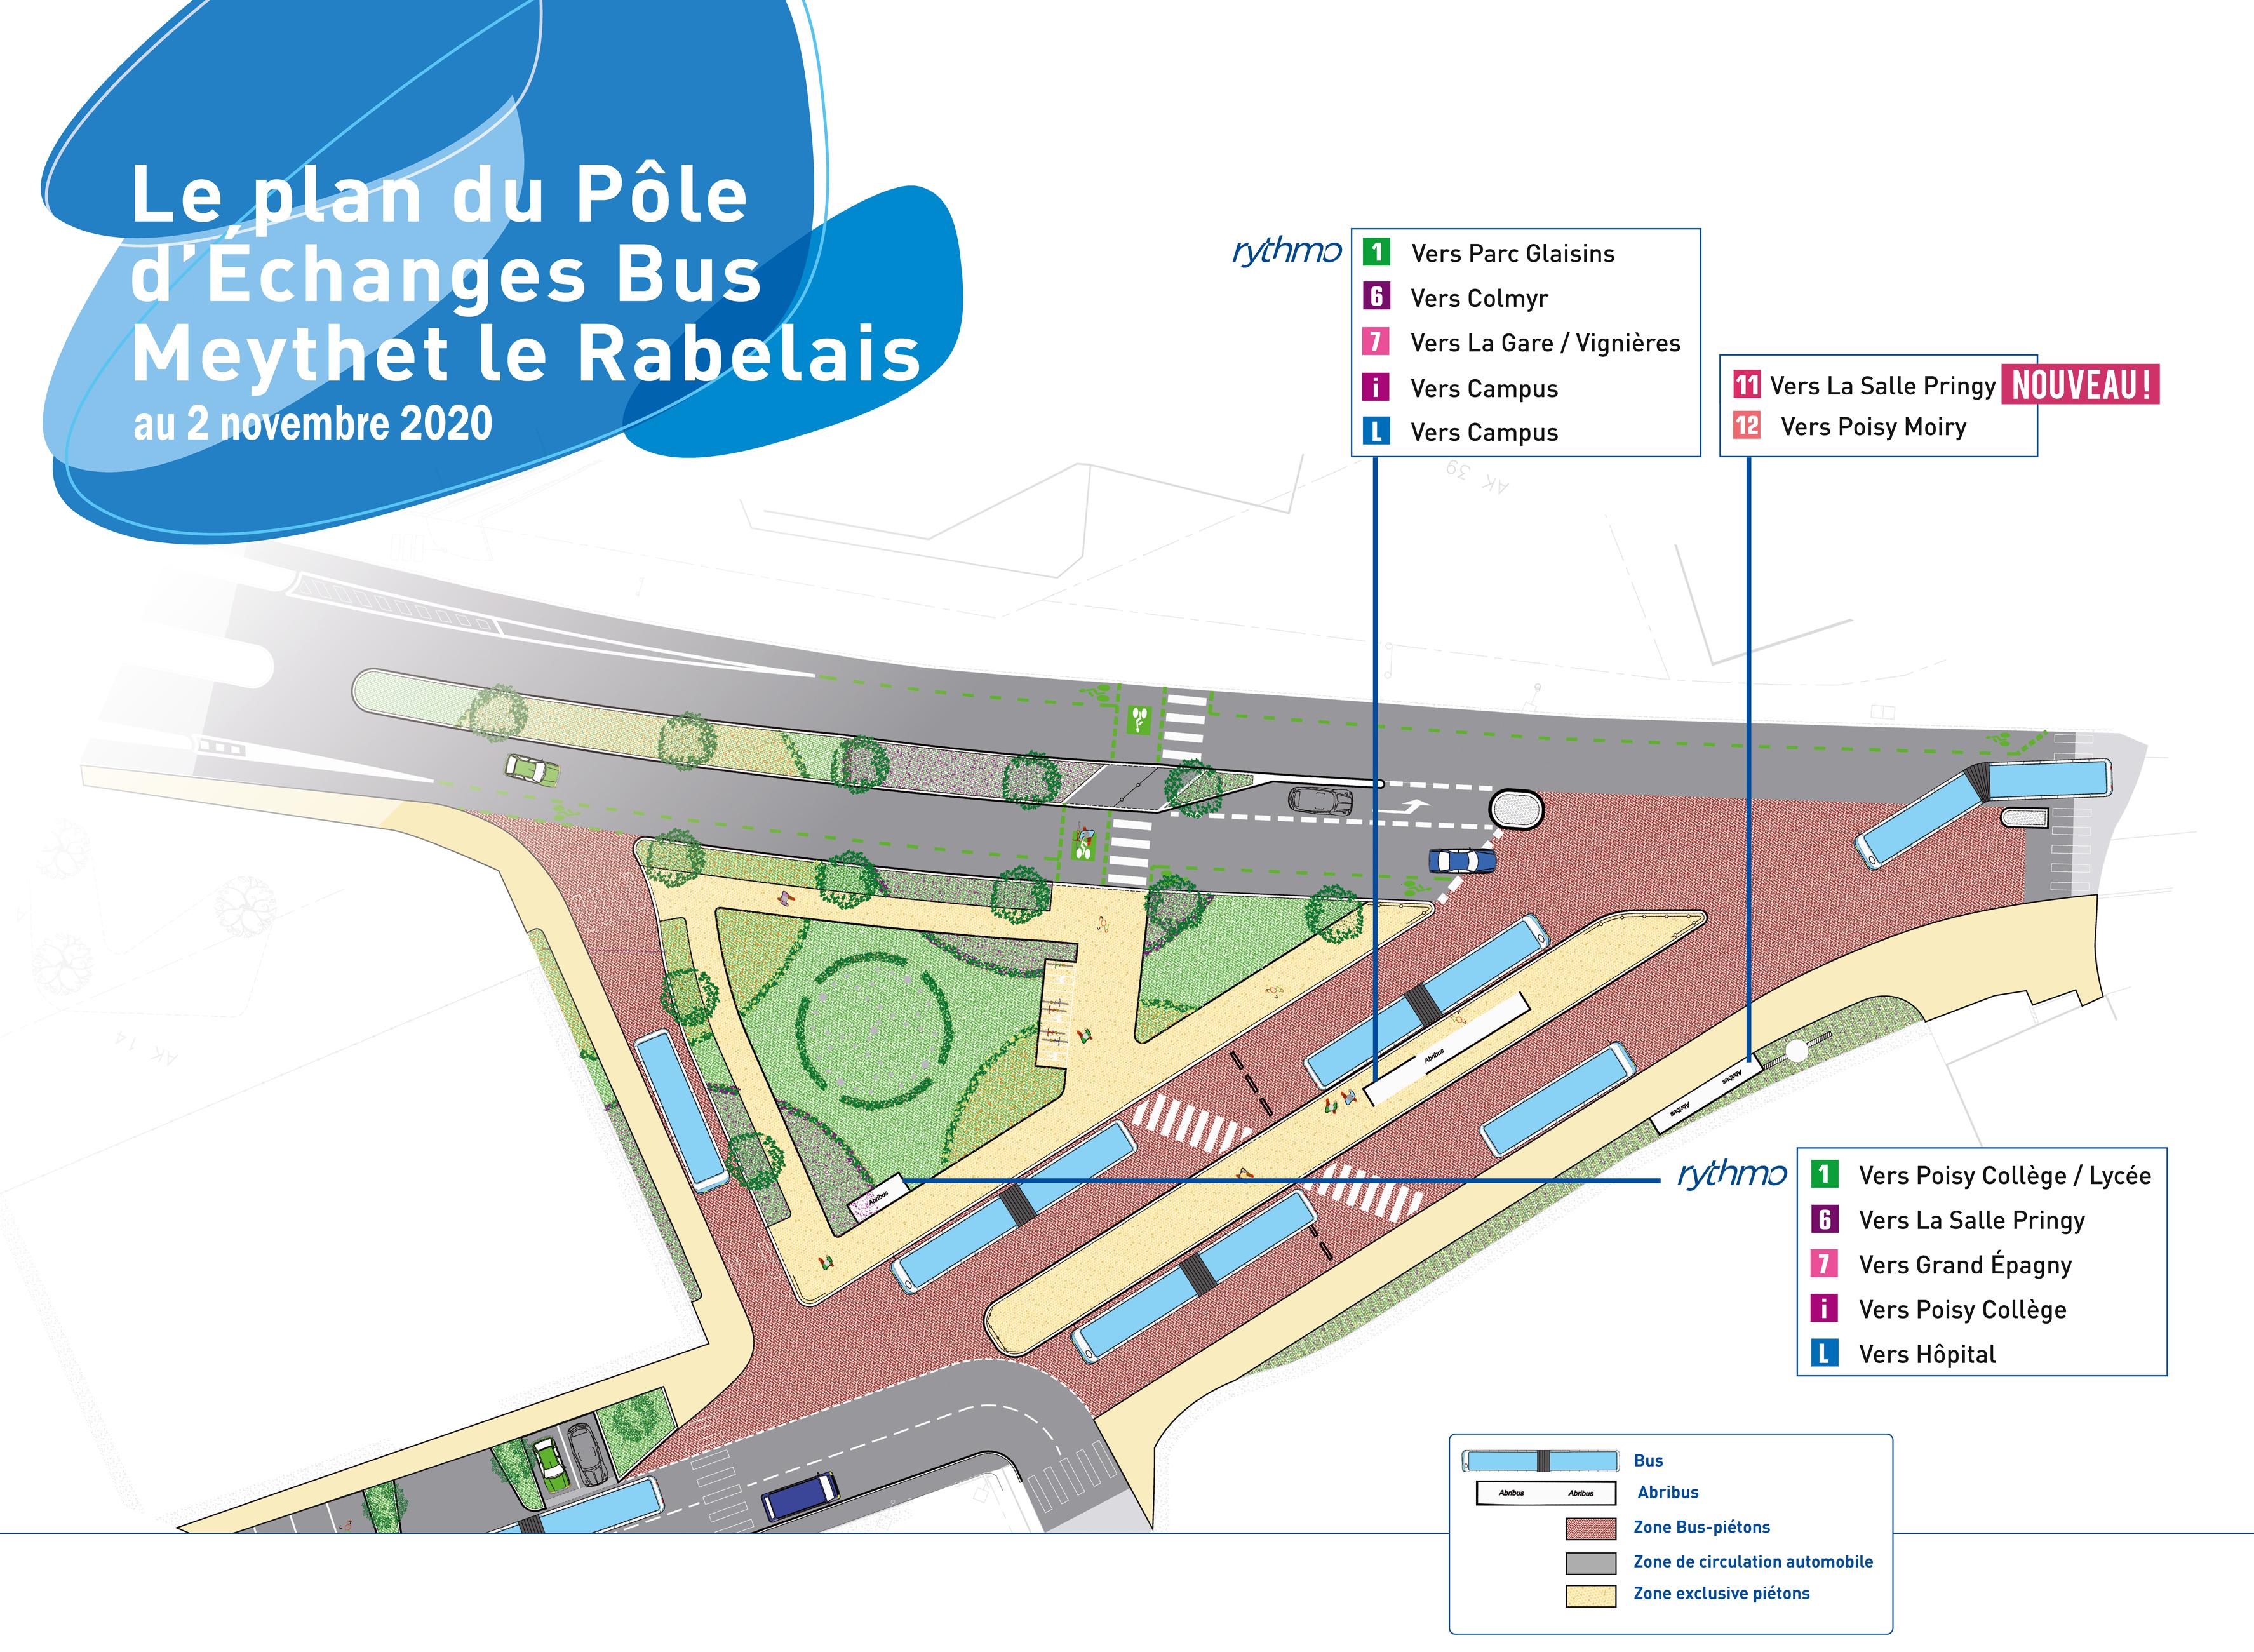 02/11/2020 - Plan pôle d'échanges Meythet-le-Rabelais